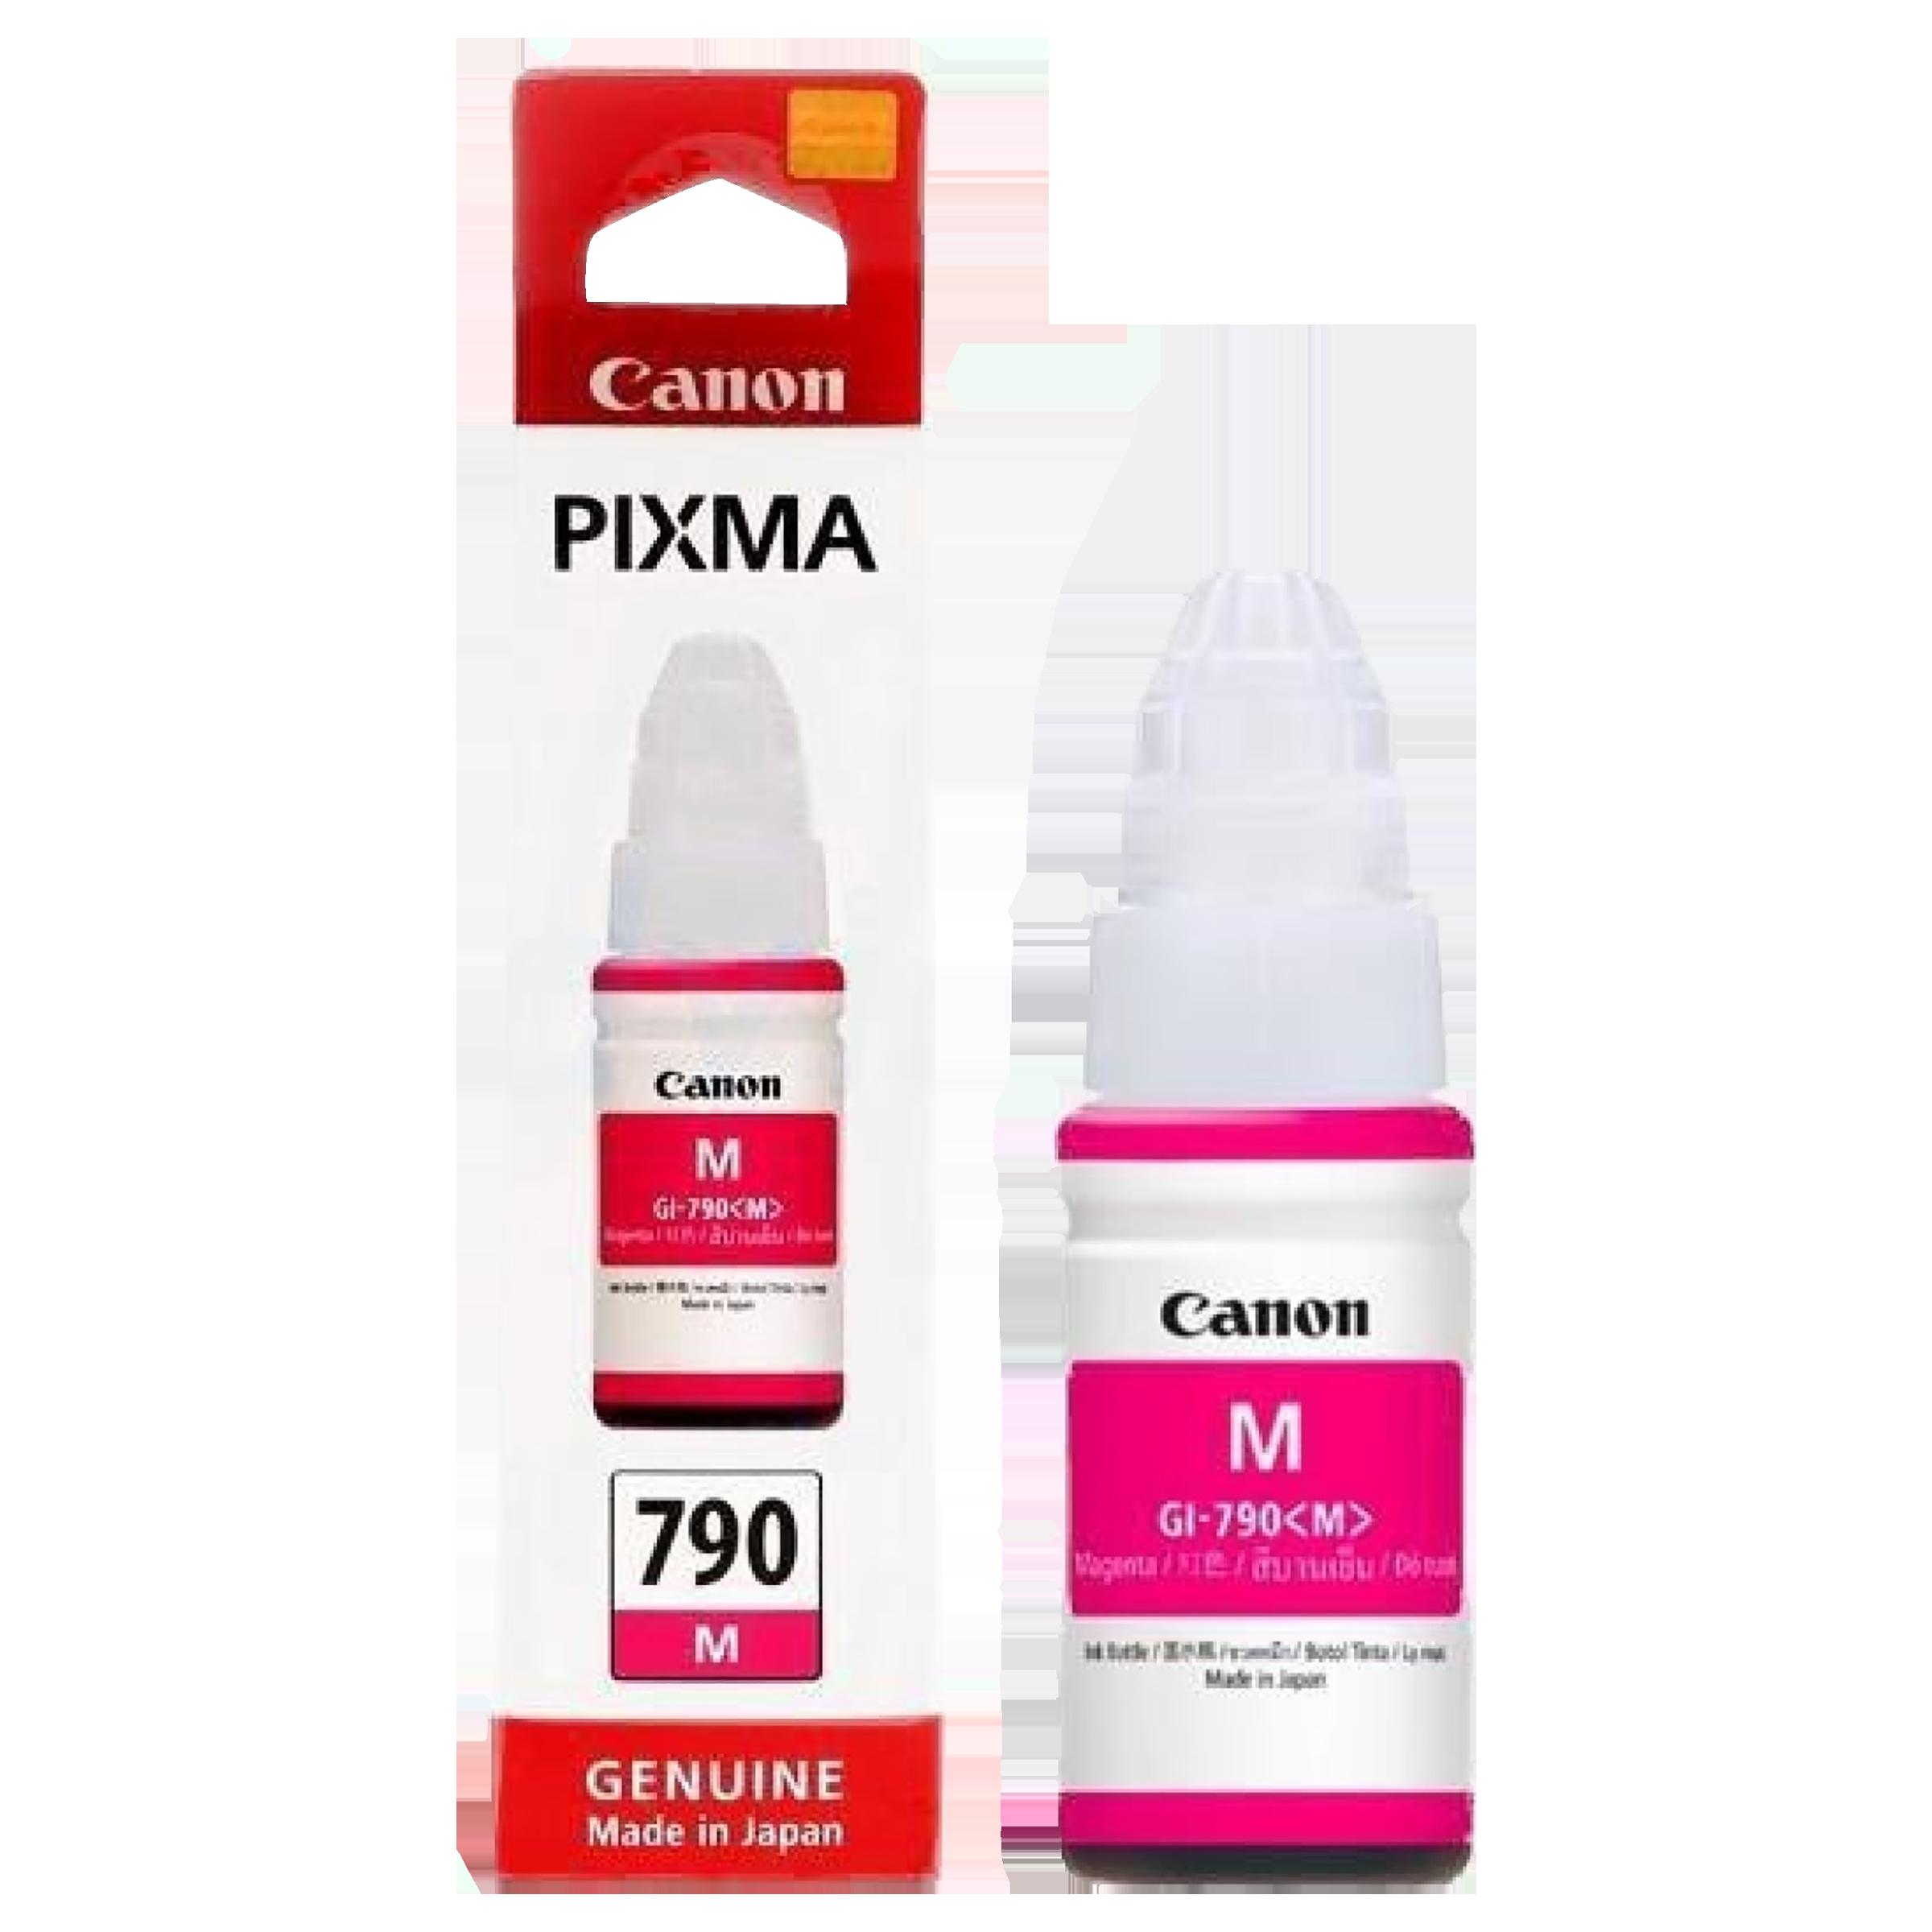 Canon Pixma GI790 Ink Cartridge (0673C003AF, Magenta)_1